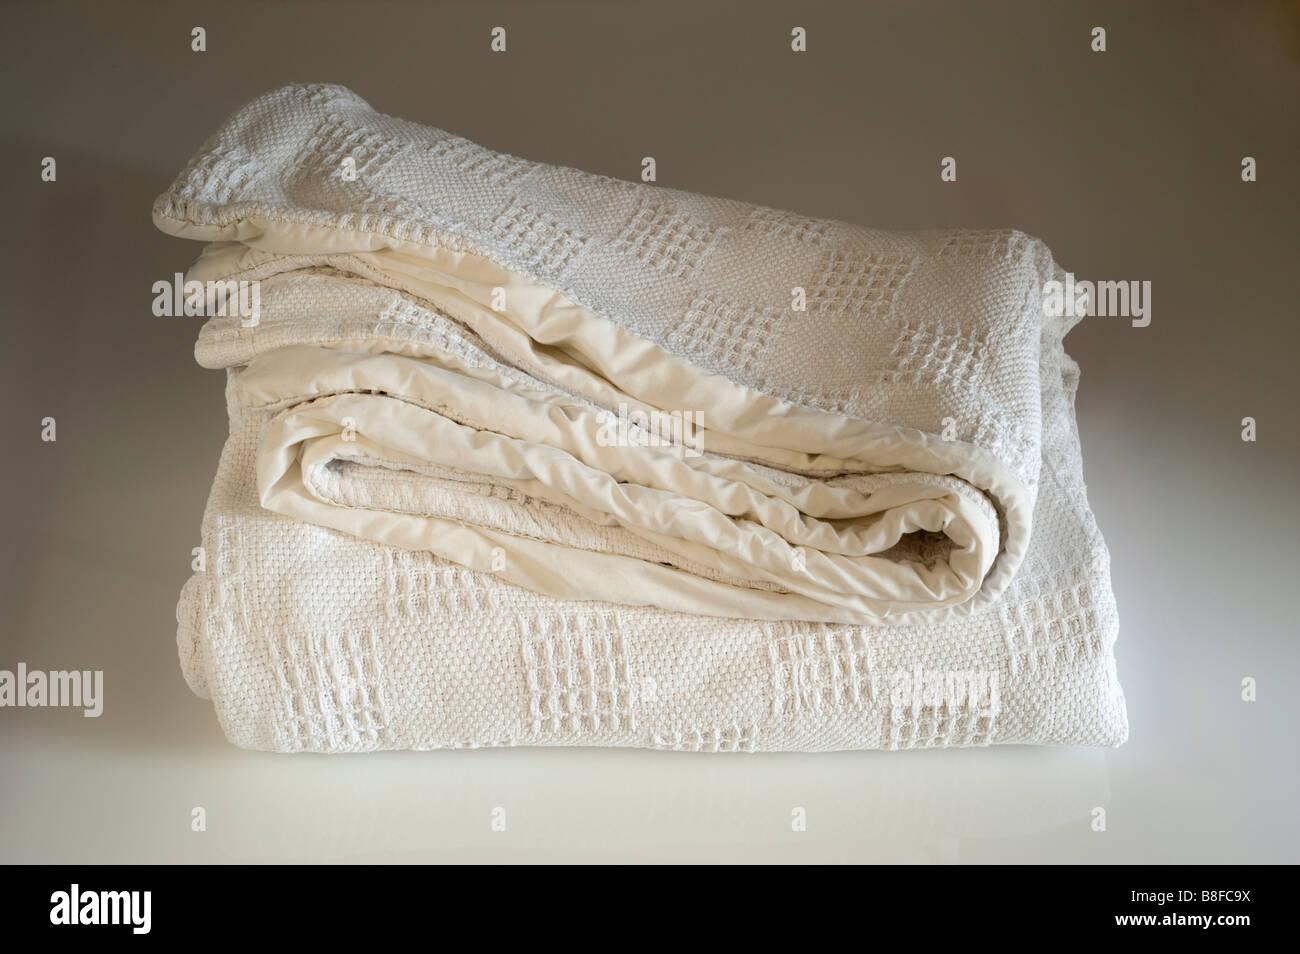 Blanche épaisse bordée couverture pliée Photo Stock